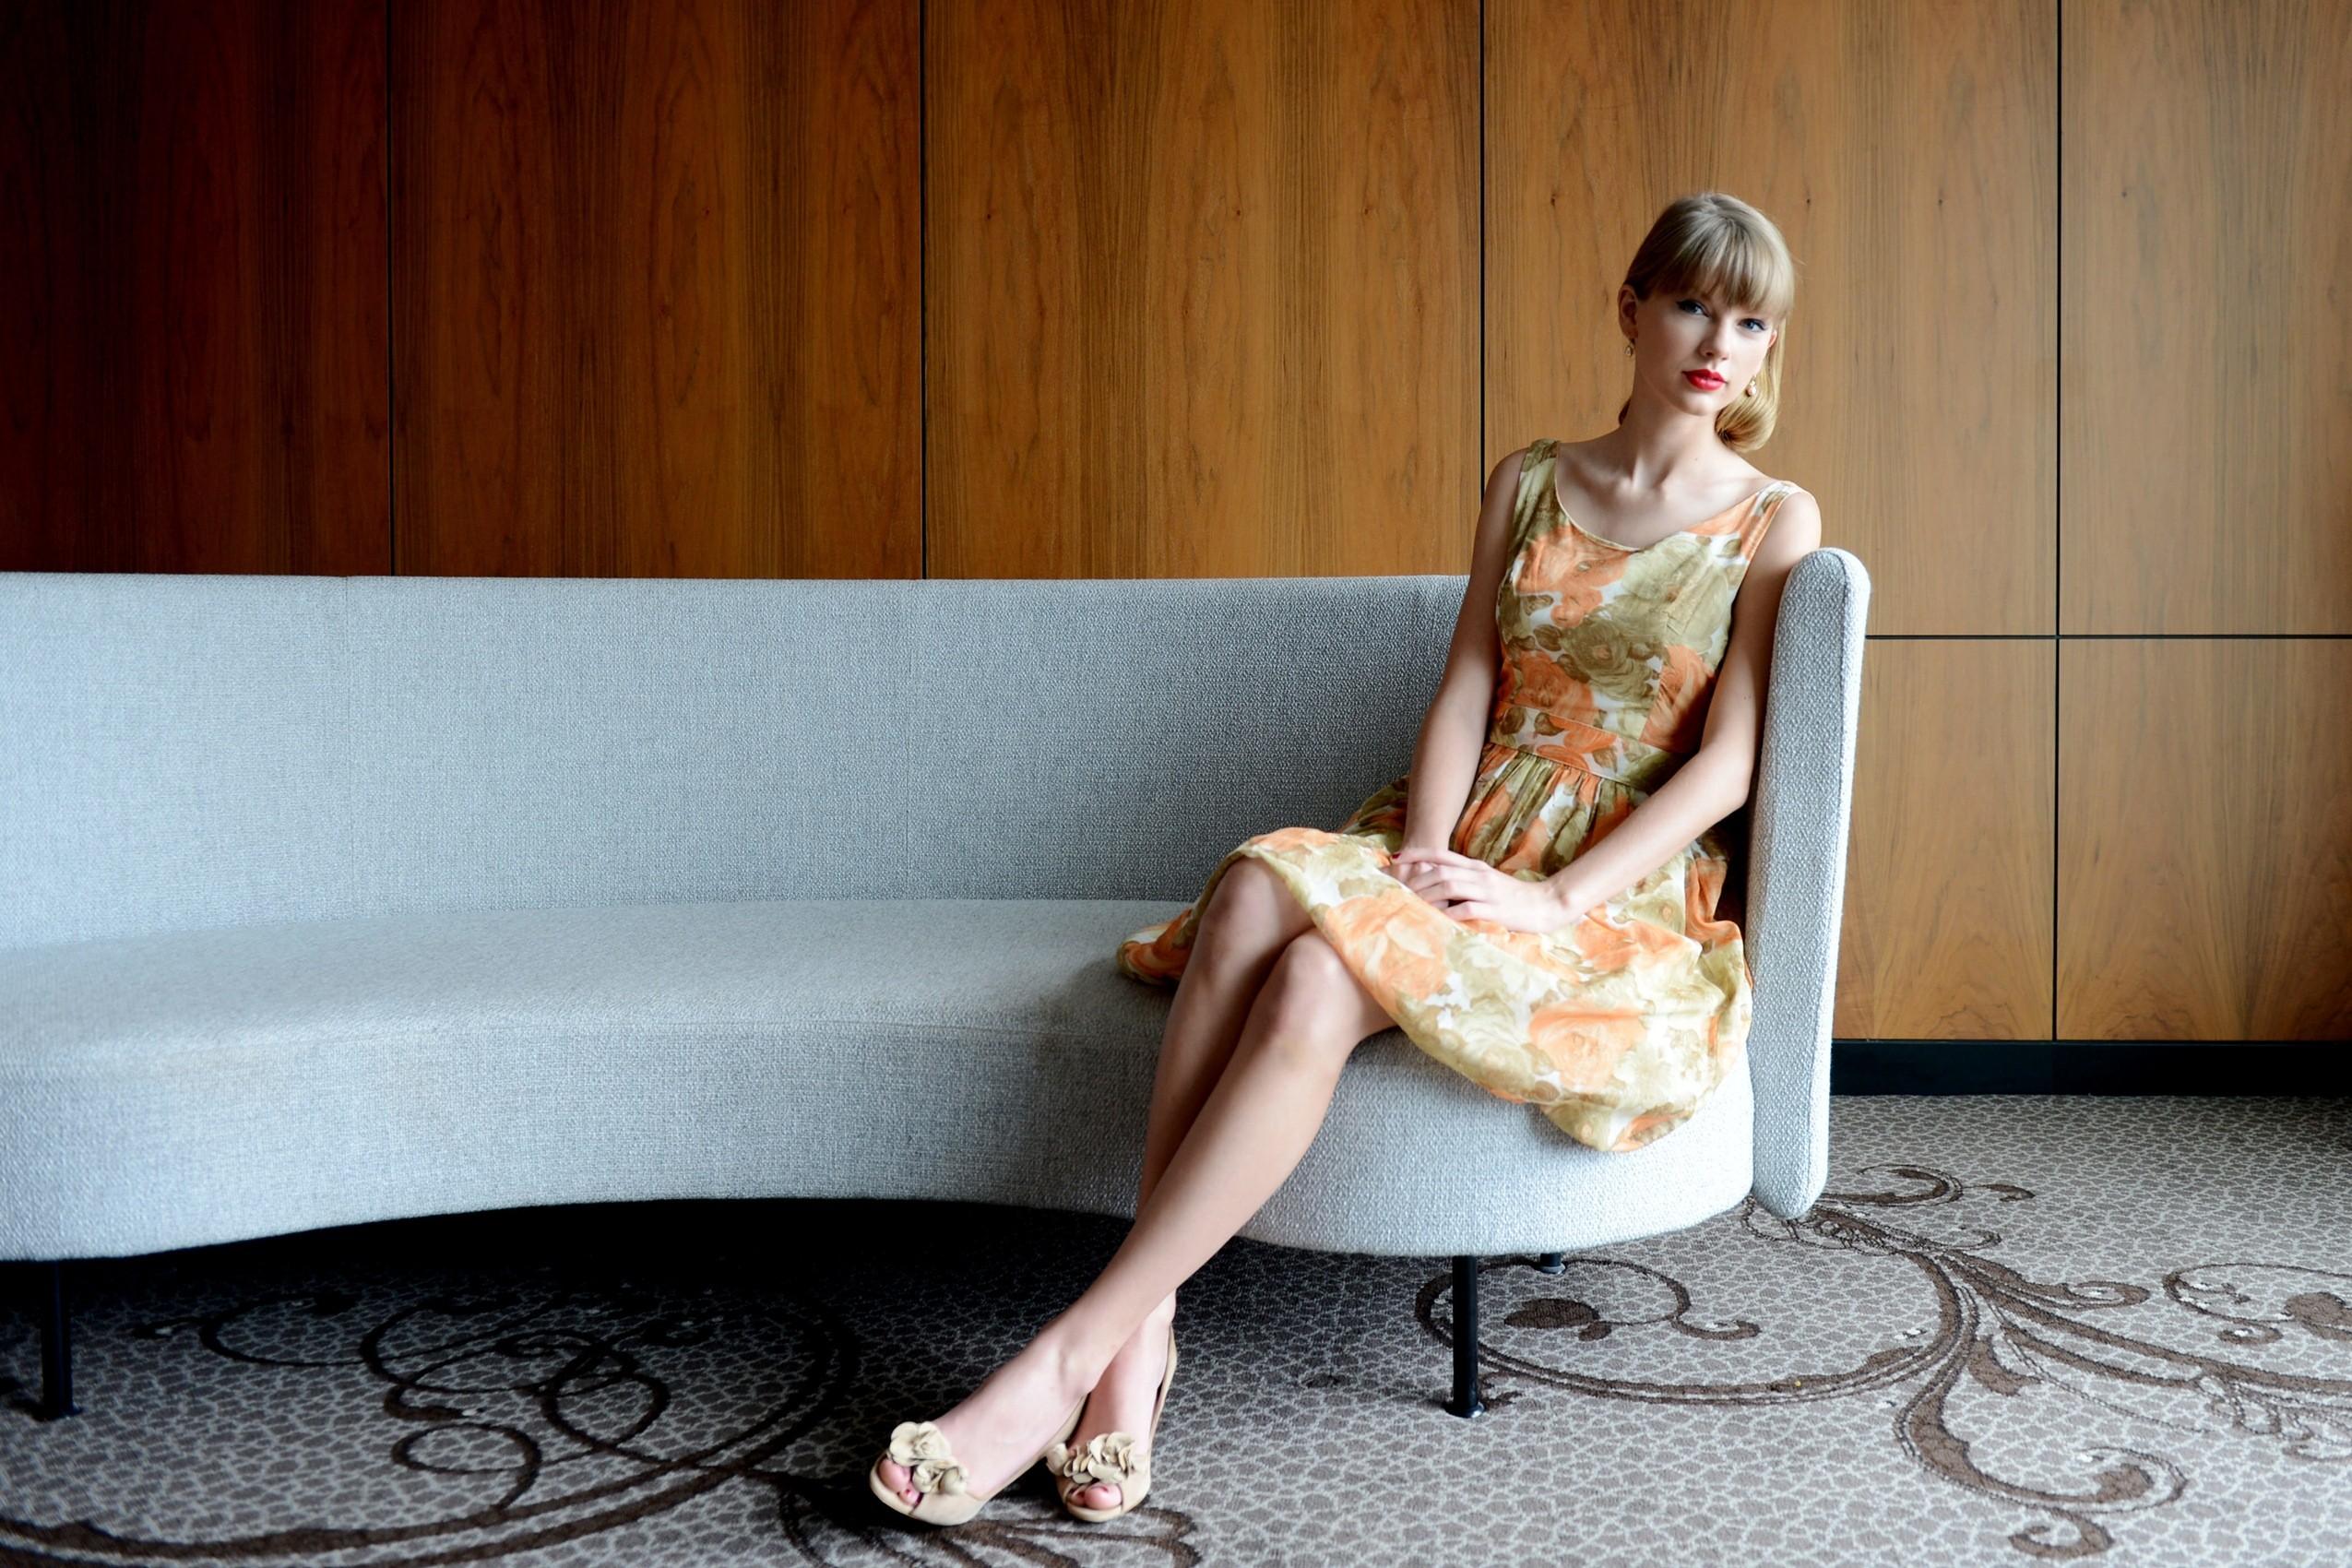 Taylor Swift 2017 Wallpaper 14090   Baltana 2550x1700